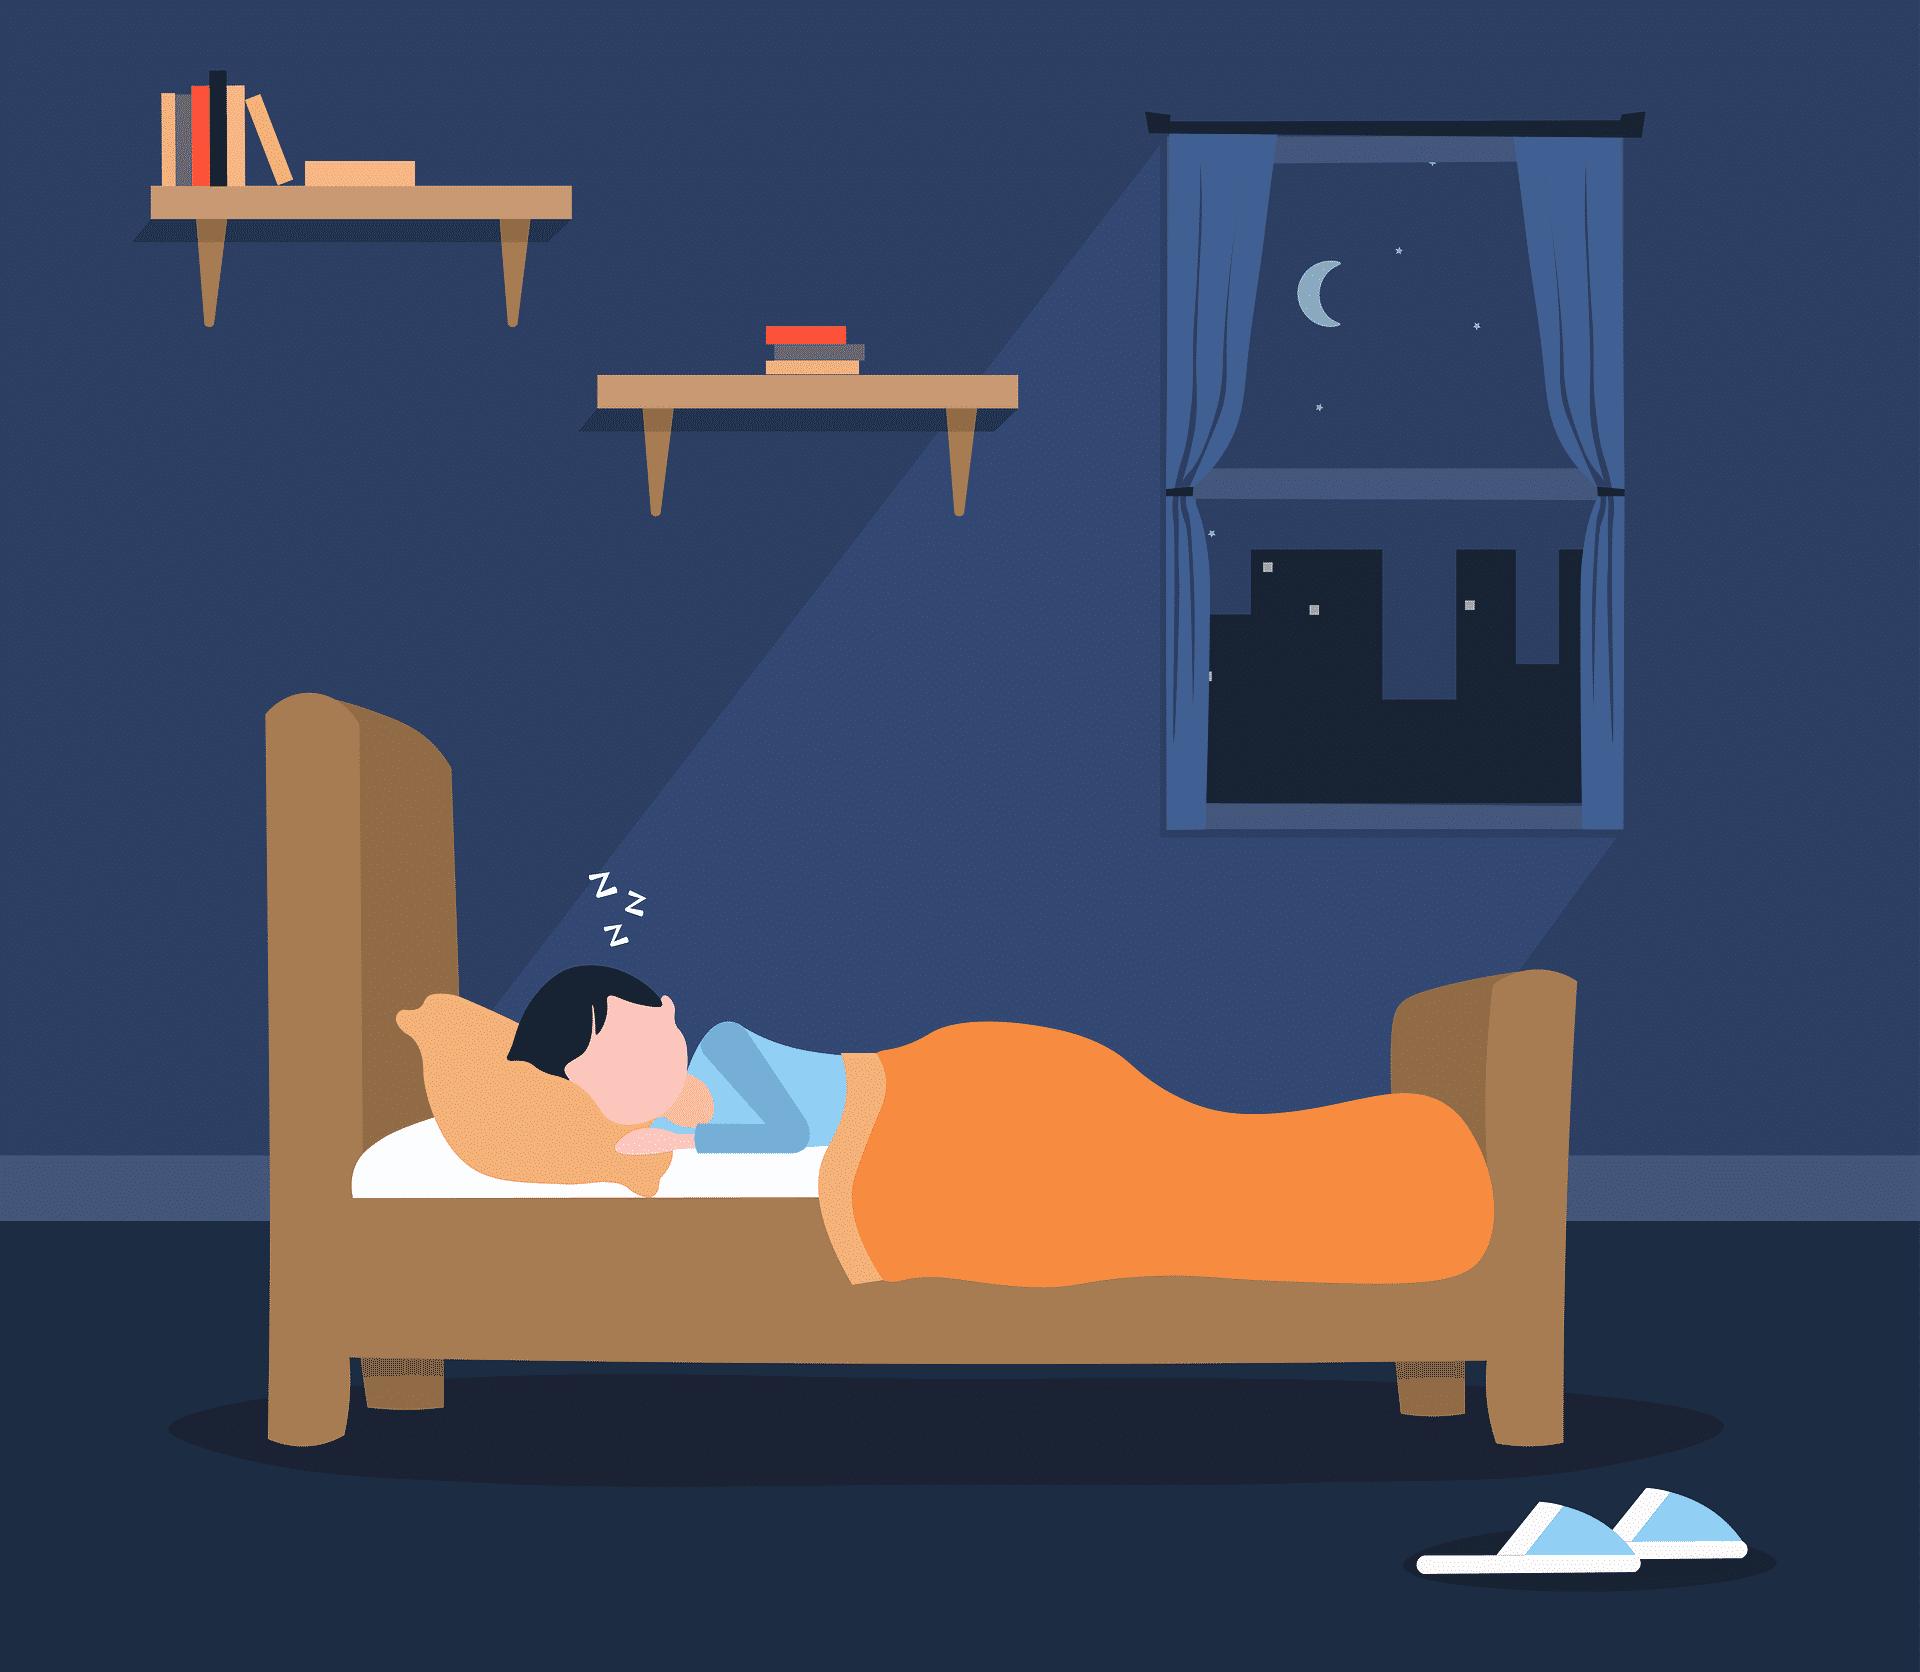 sleep can improve your brain health